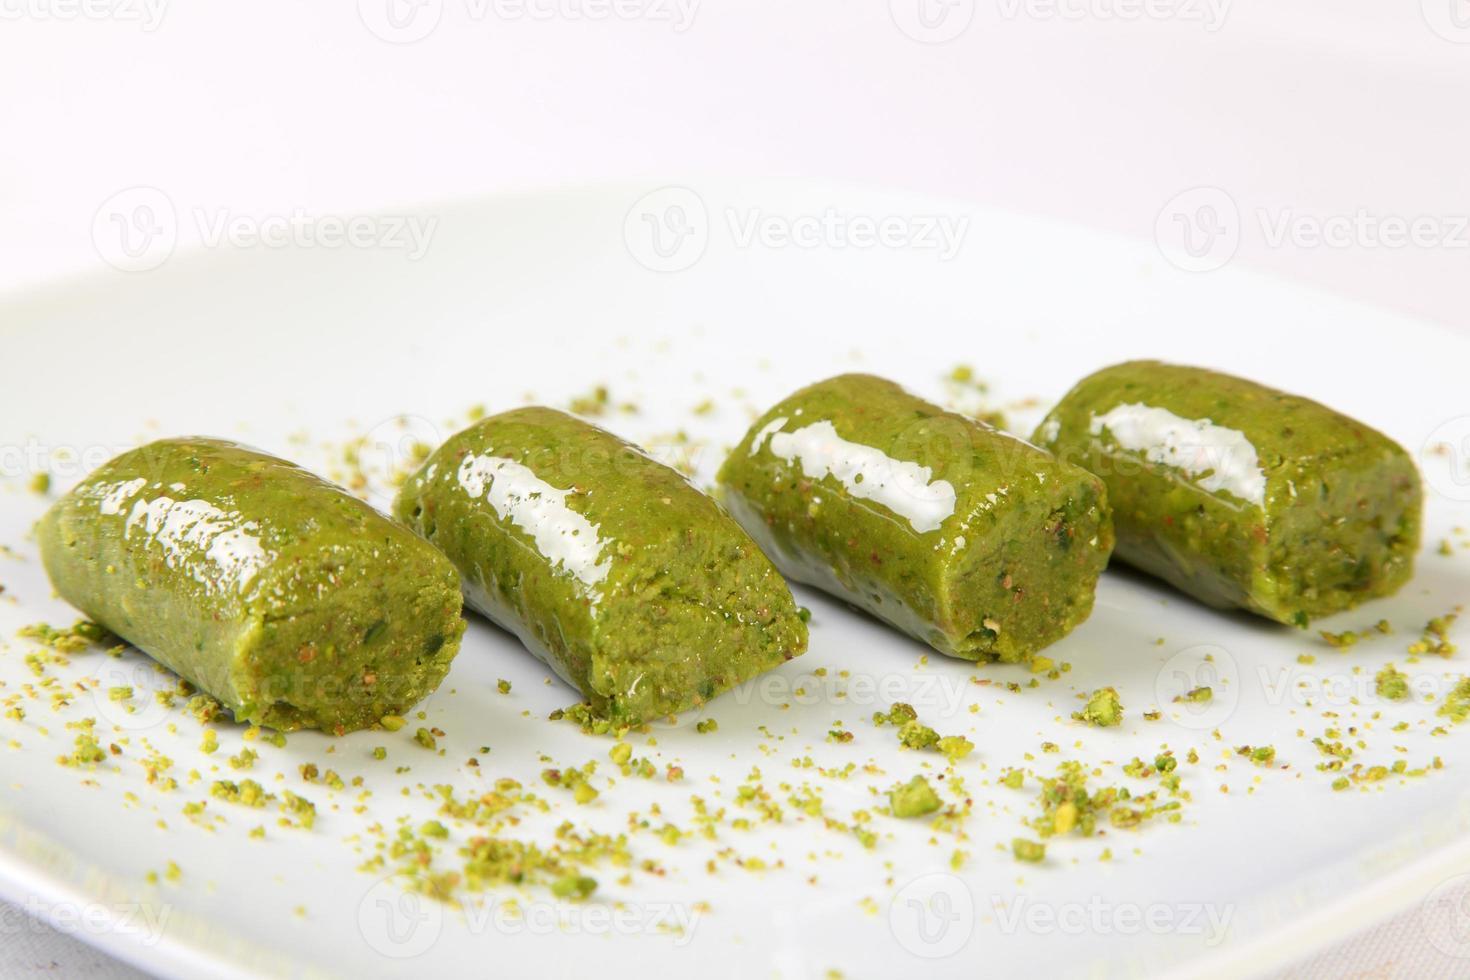 türkisches Pistazien-Dessert foto